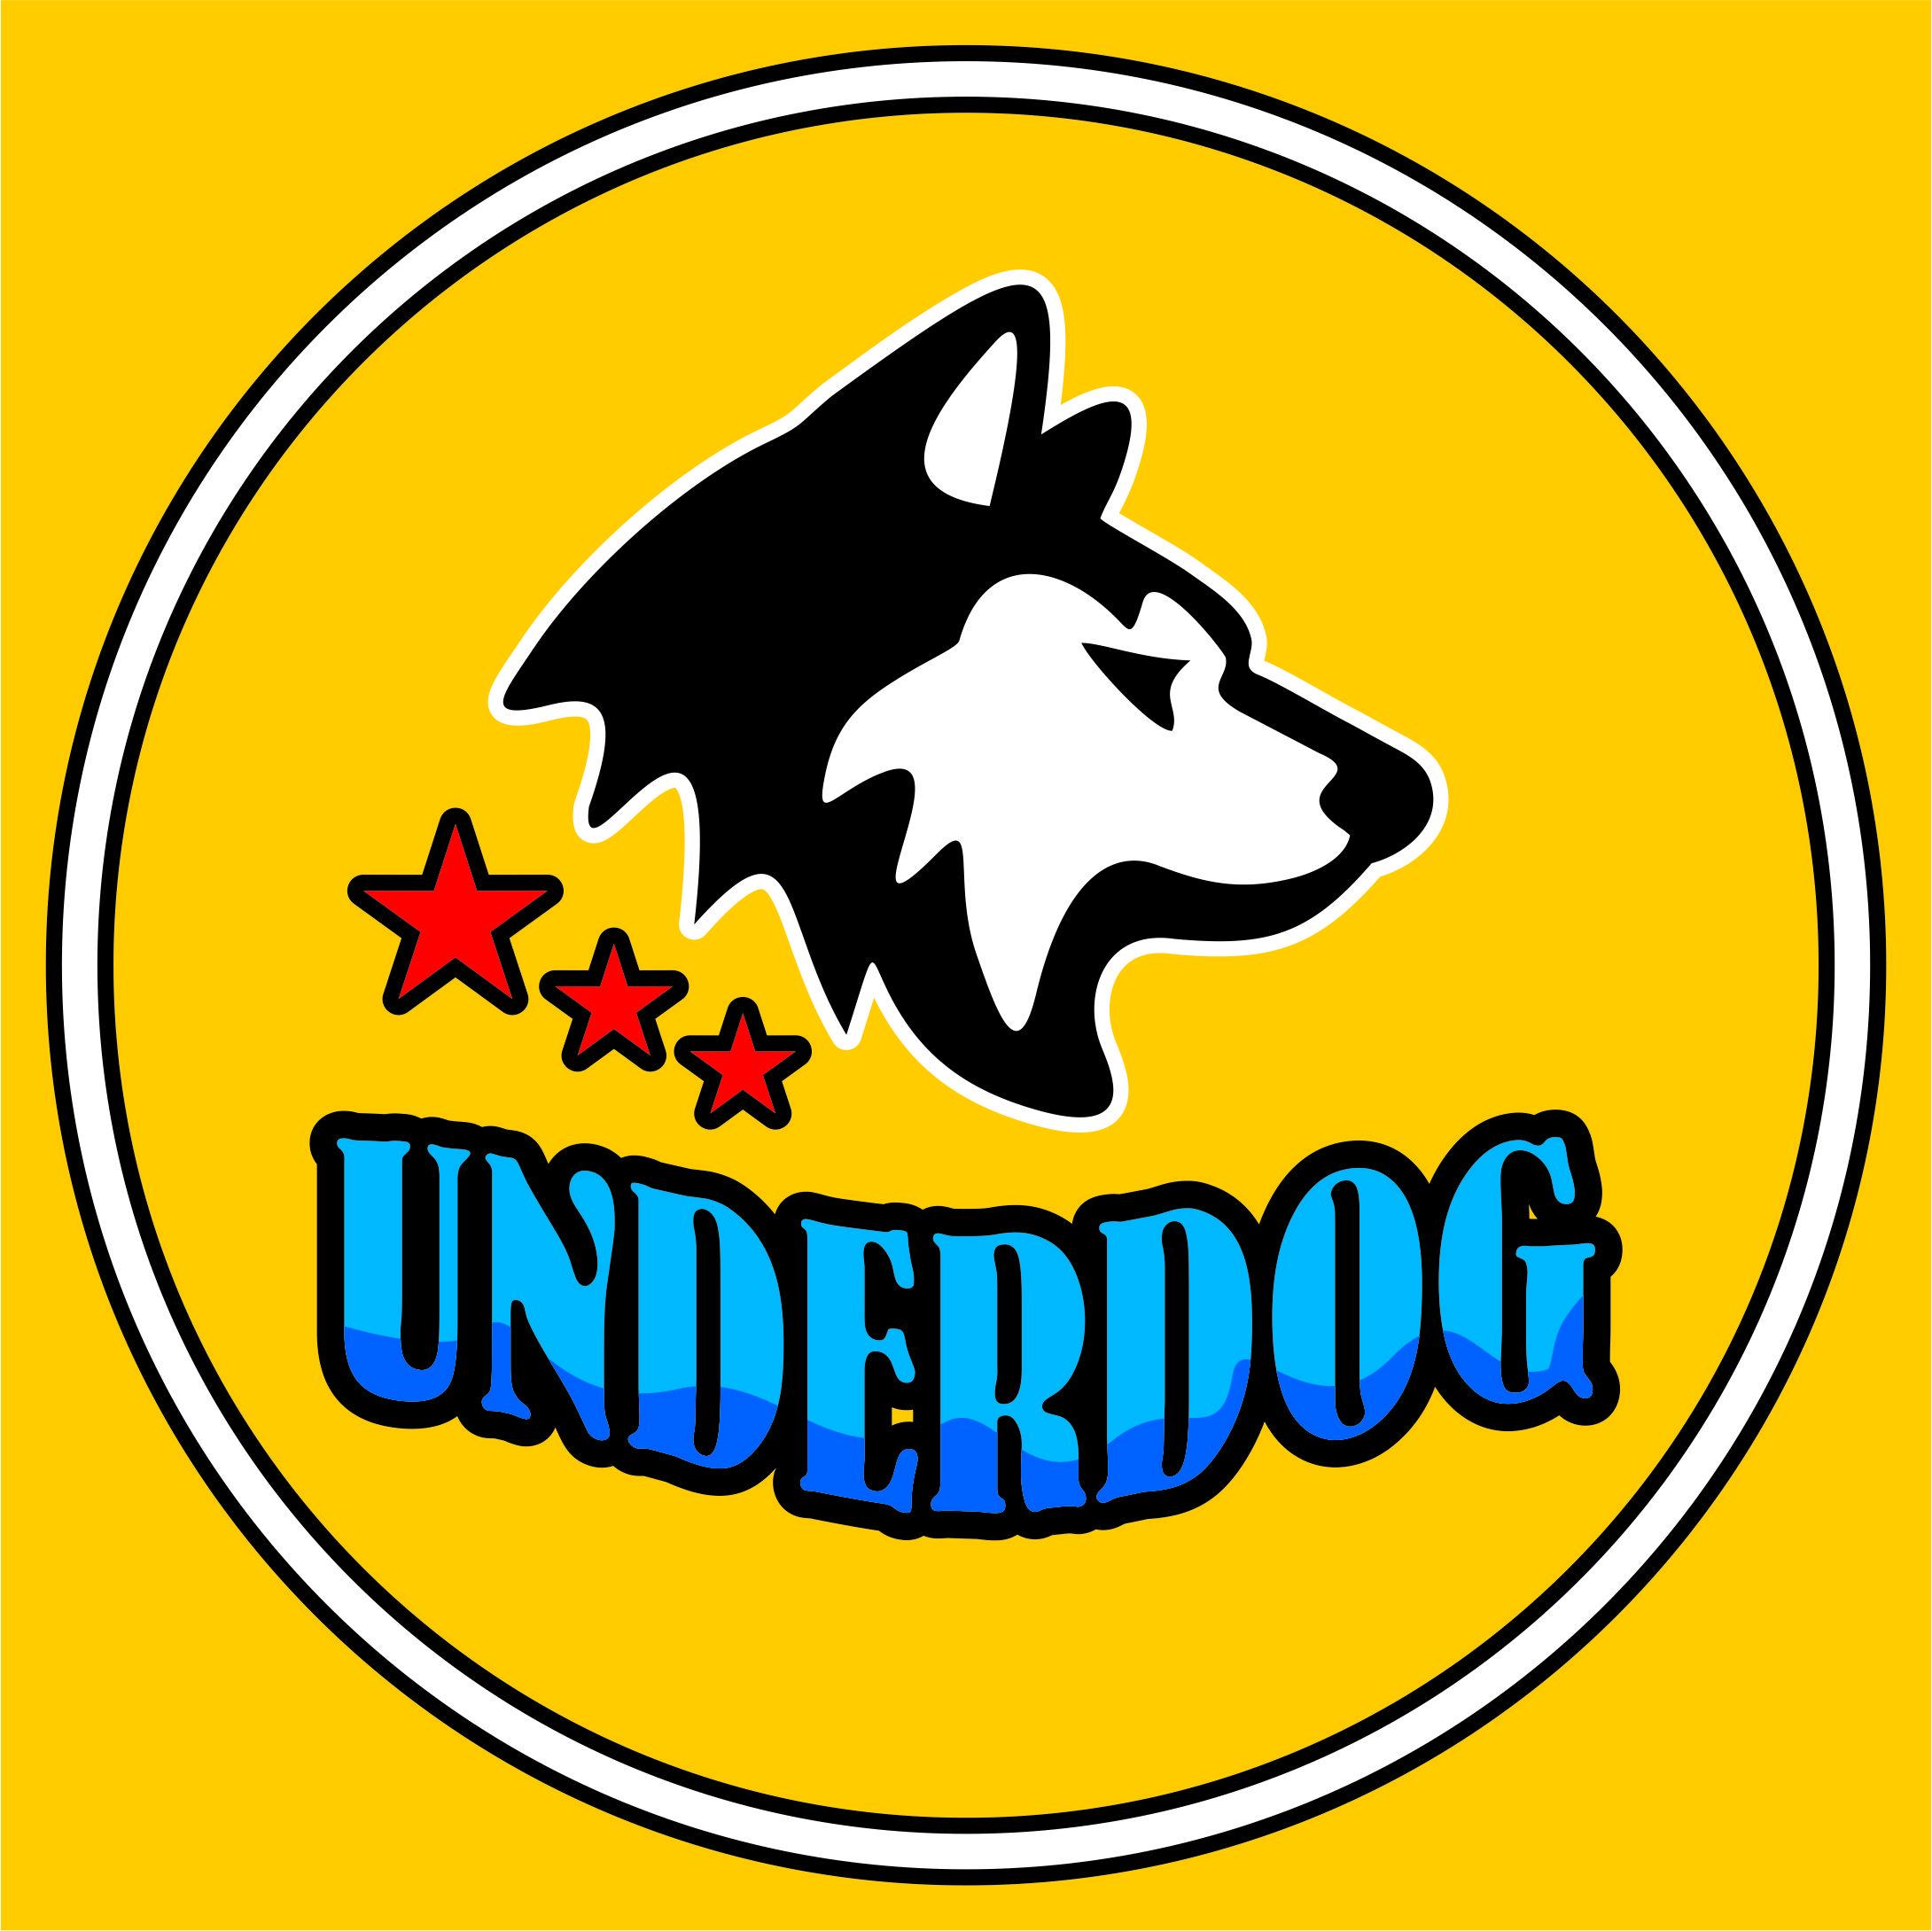 Футбольный клуб UNDERDOG - разработать фирстиль и бренд-бук фото f_6995caecf7222c5a.jpg